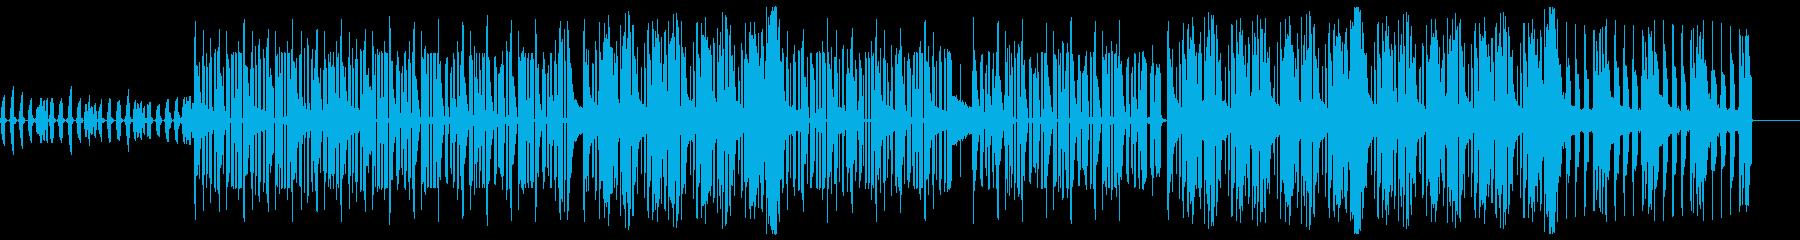 ダーク 不気味 ヒップホップ トラップの再生済みの波形